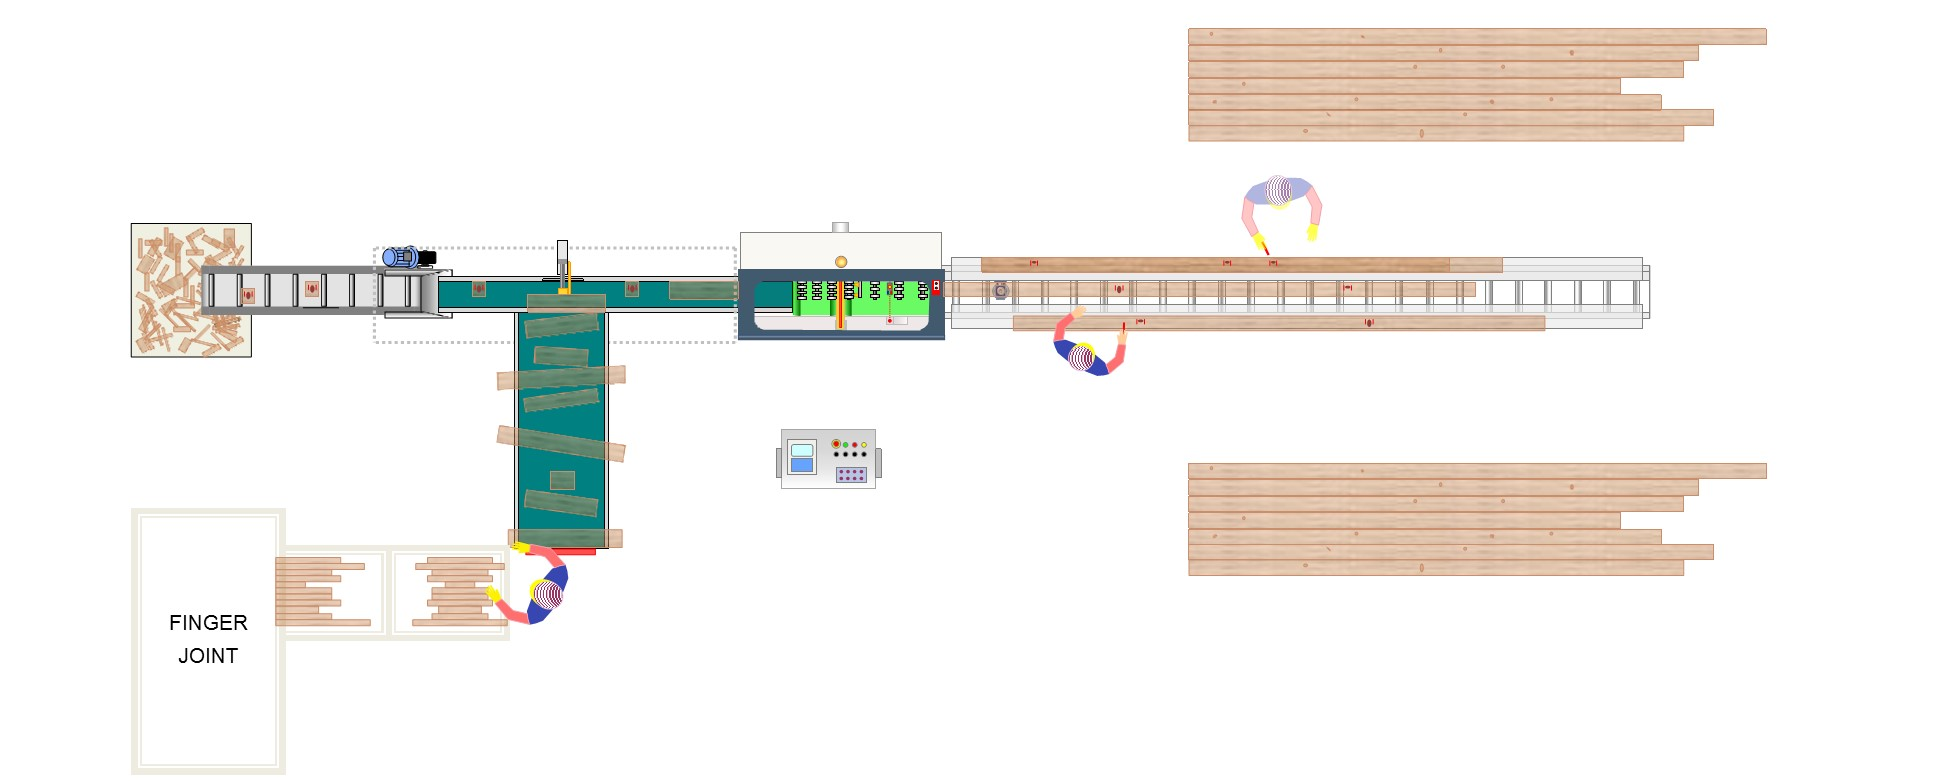 TRV 1700 - Concept 02